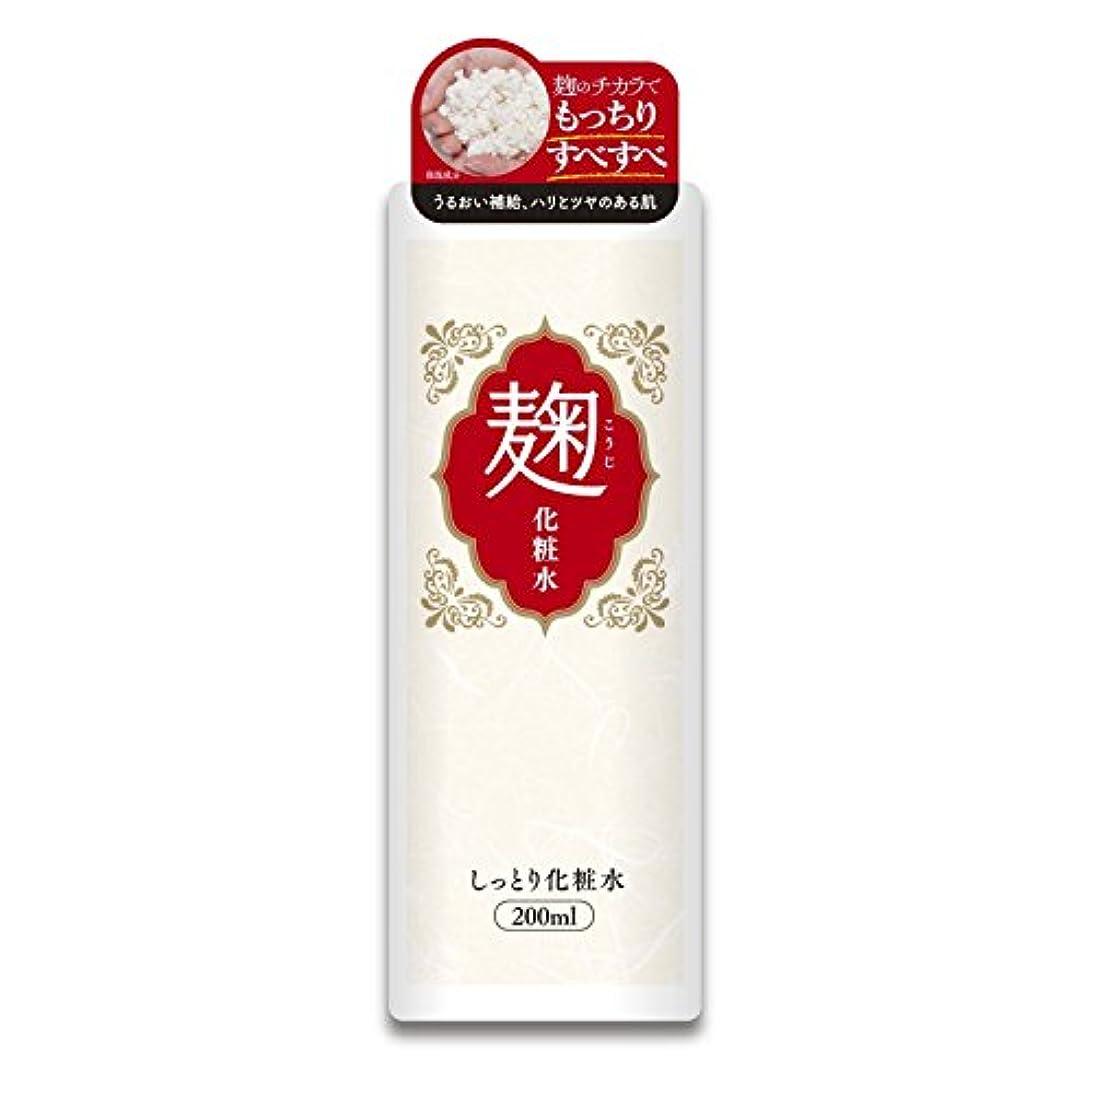 子音部族説得力のあるユゼ 麹配合美肌しっとり化粧水 200mL